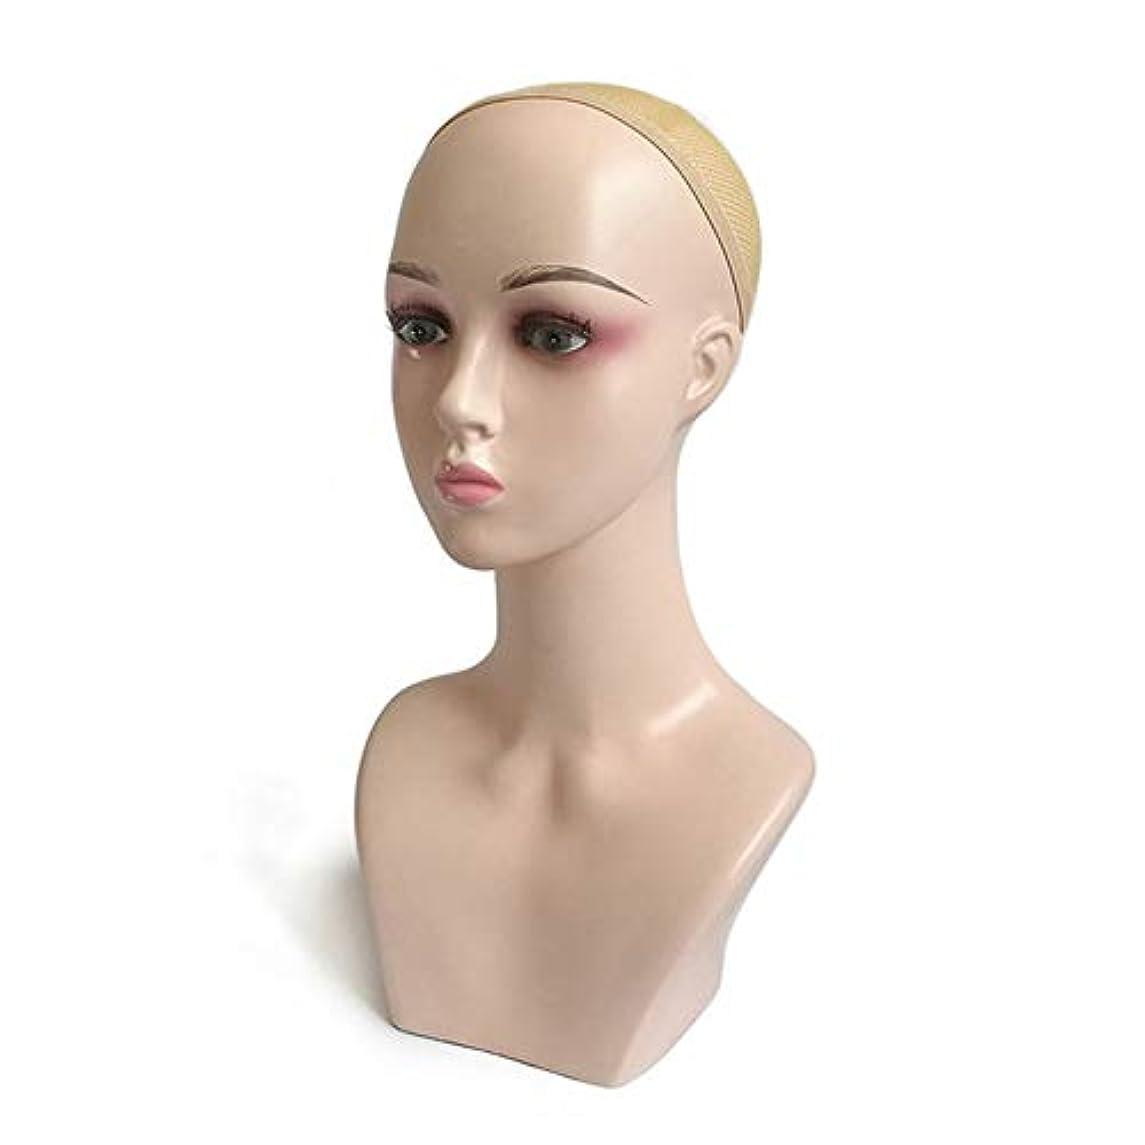 藤色ごみ億ウィッグヘッドモデルガールパウダーメイクショルダーモデルヘッドダミーヘッド女性モデルダイテーブルハットジュエリーブラケット